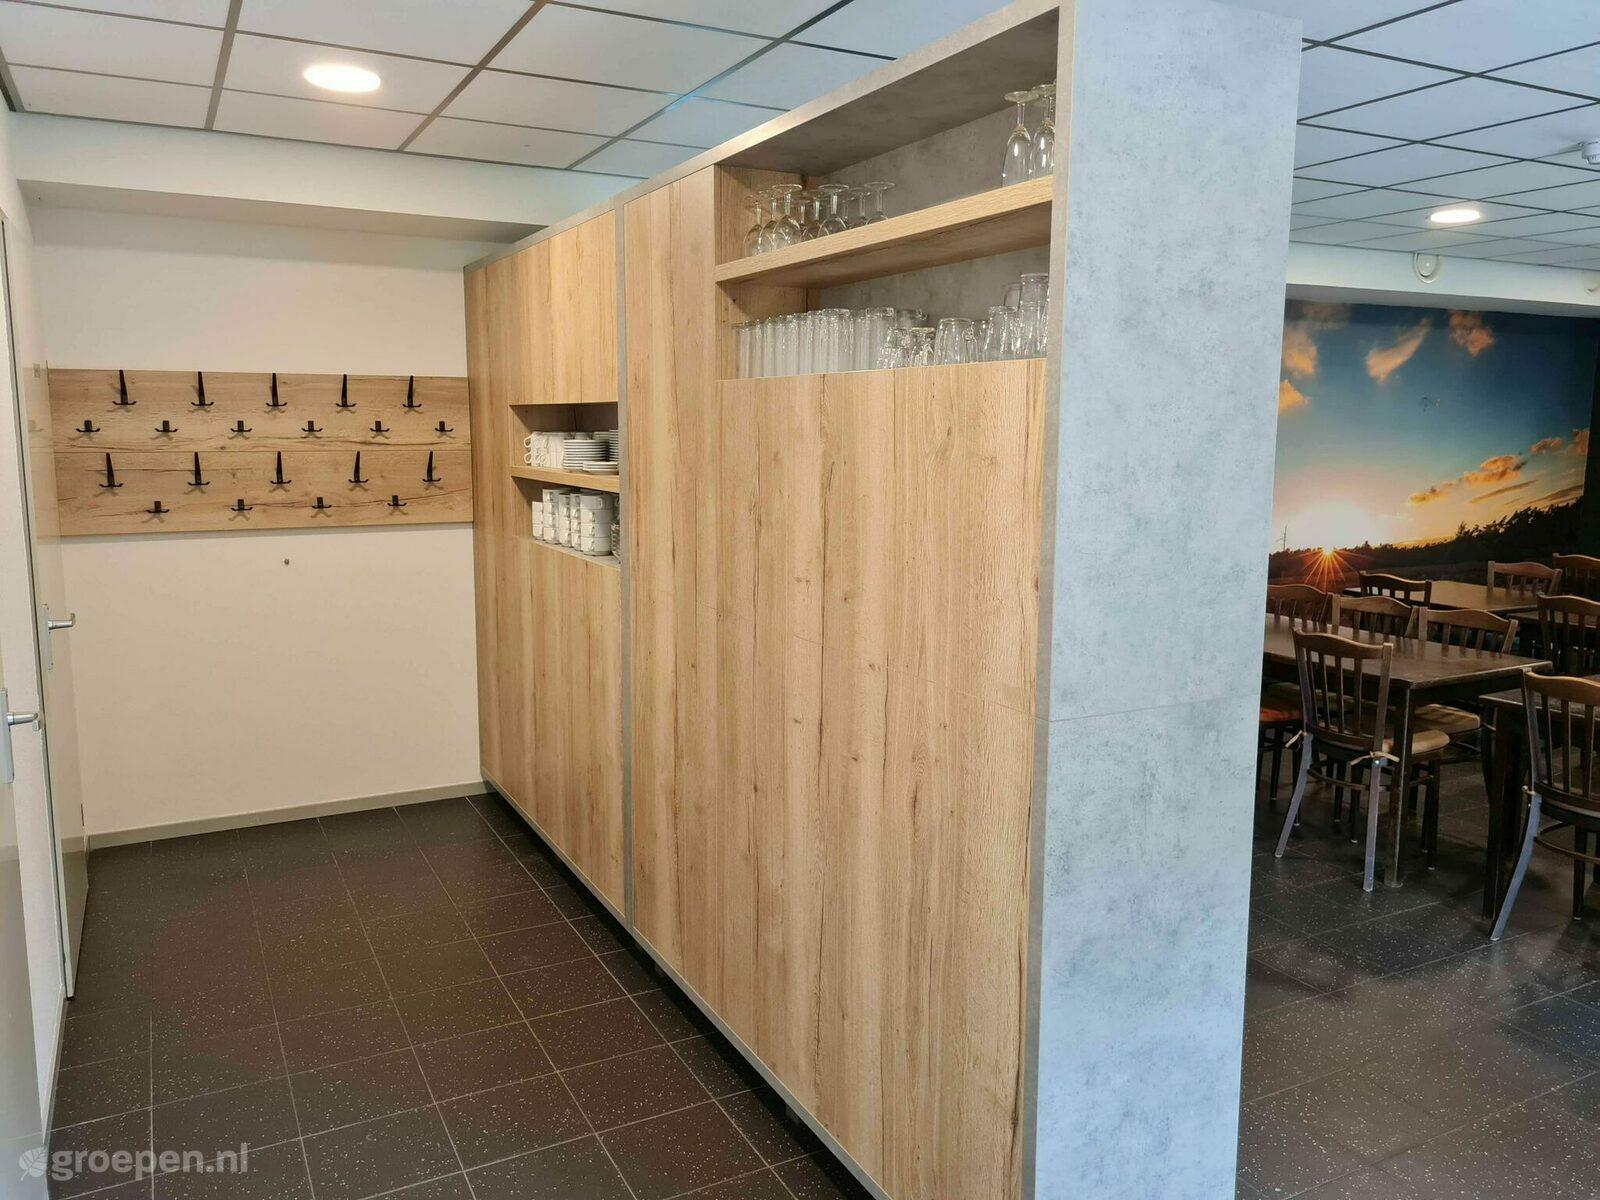 Group accommodation Drunen (copy)